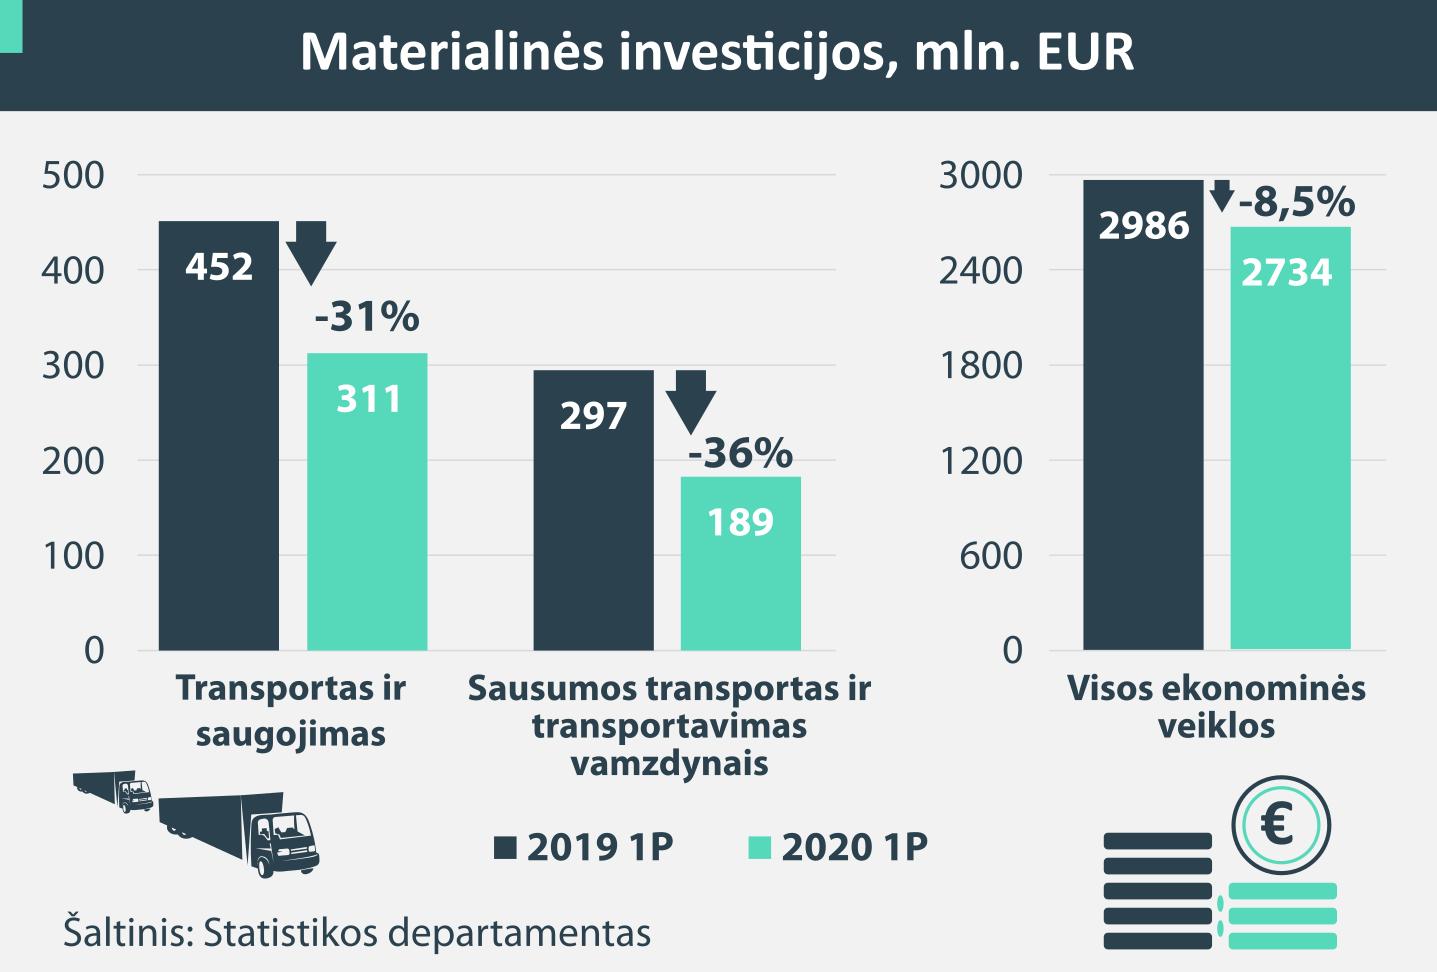 Transporto verslas smarkiai apkarpė investicijas: fiksuojamas vienas didžiausių sumažėjimų